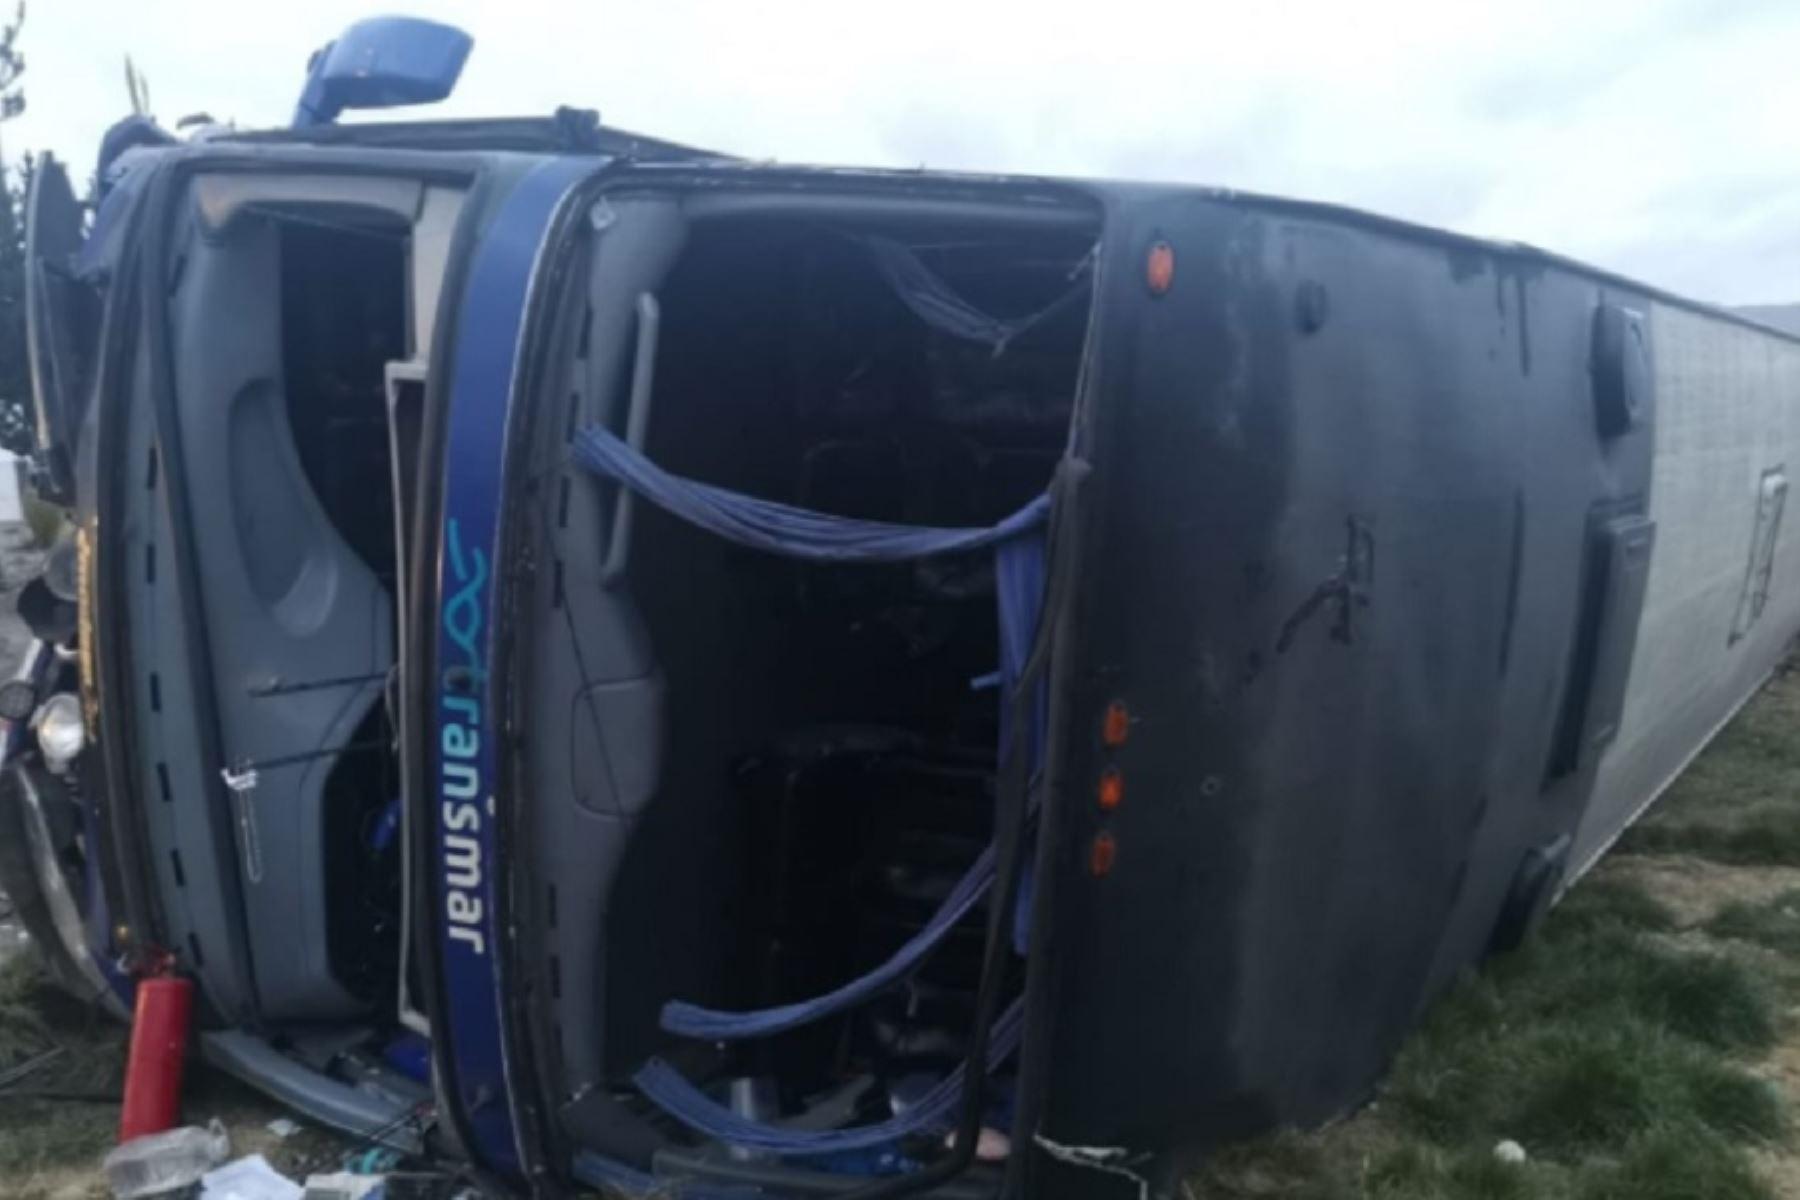 Seis pasajeros heridos dejó esta madrugada el despiste y volcadura de un bus de transporte interprovincial a la altura del kilómetro 65+900 de la Carretera Central, en el sector de Uco del tramo Pasco-La Oroya.